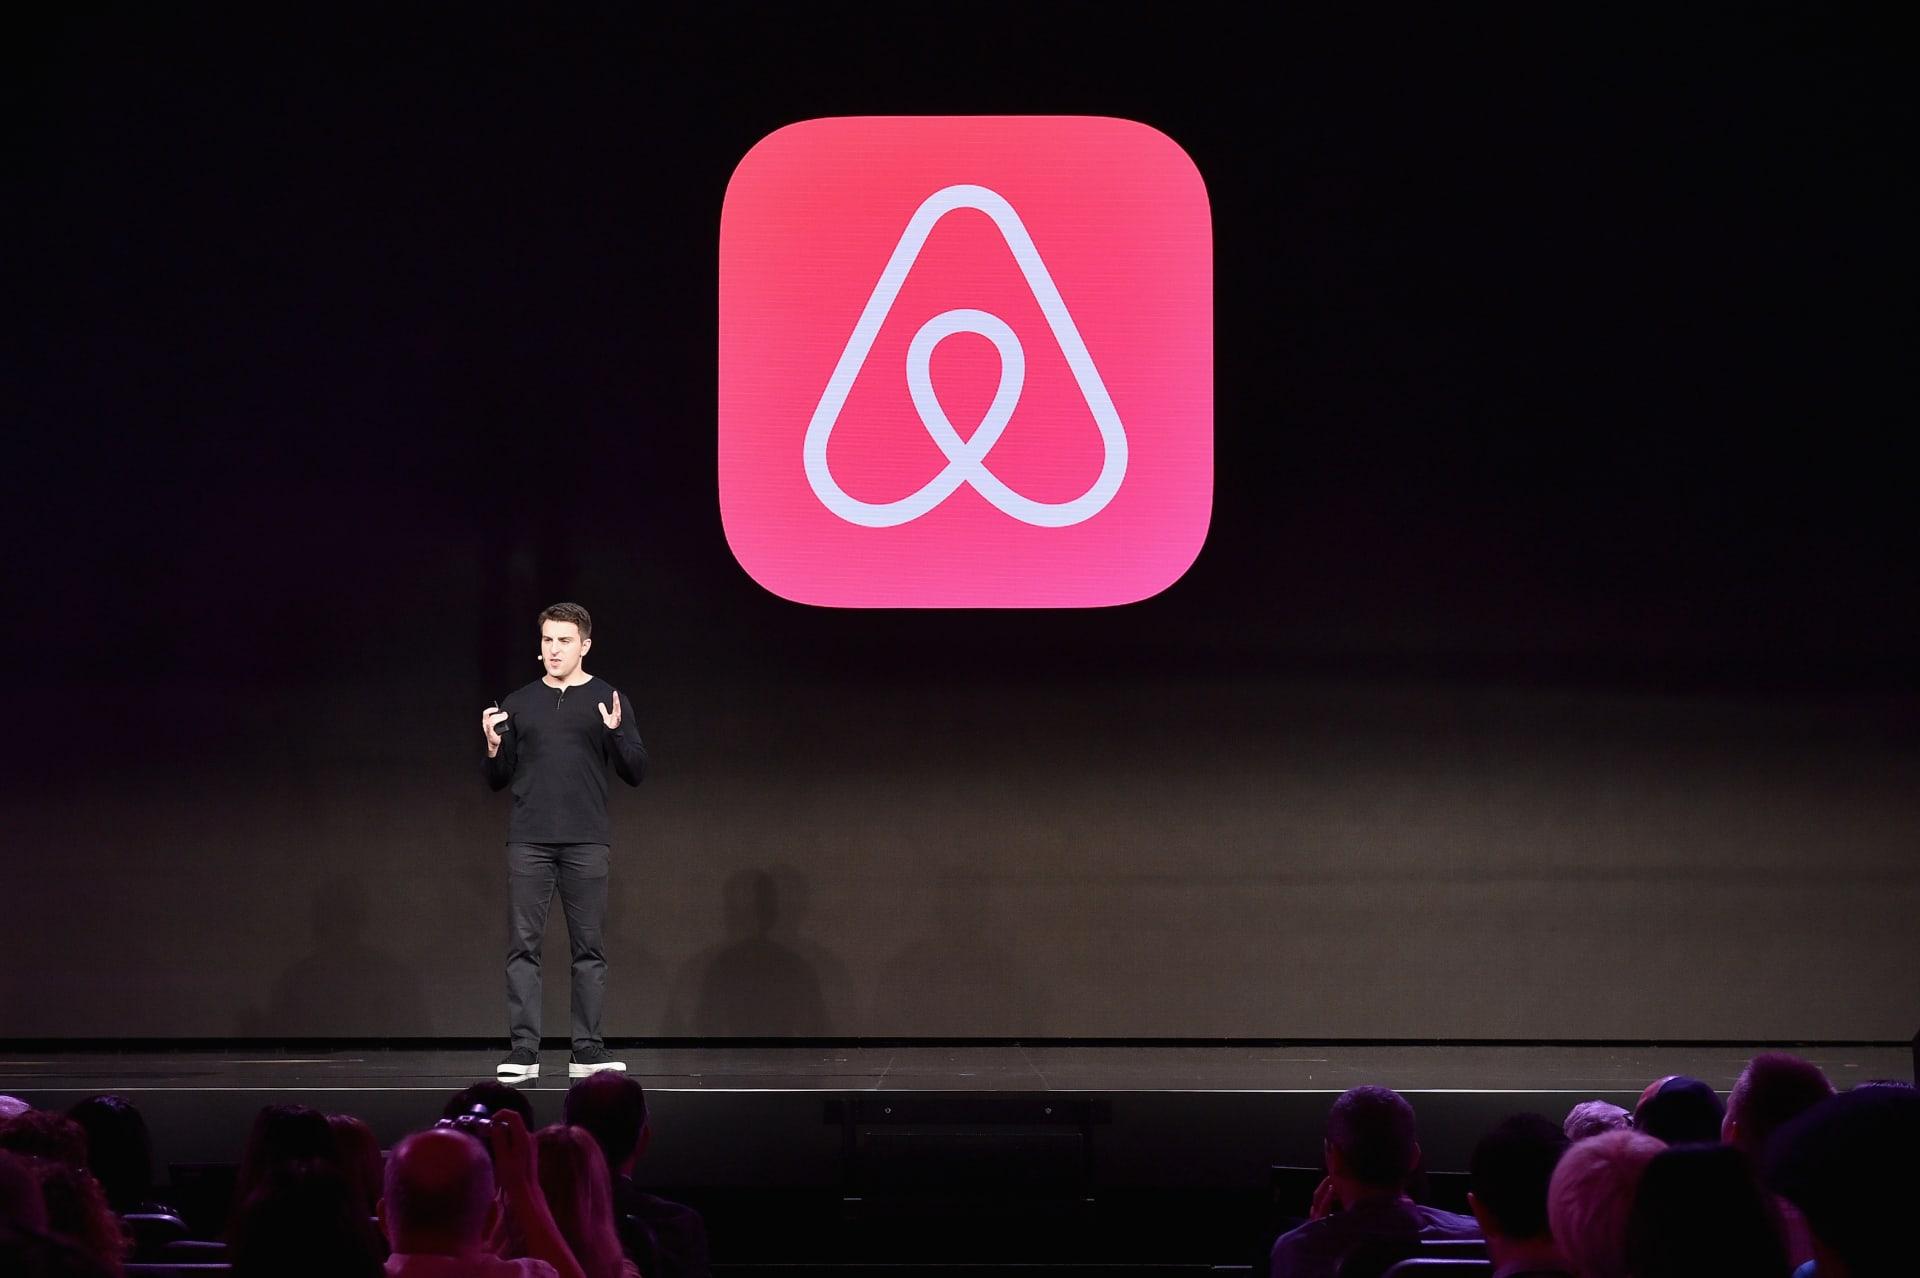 رغم تسريح الموظفين.. شركة Airbnb تقترب من طرح أسهمها للاكتتاب العام